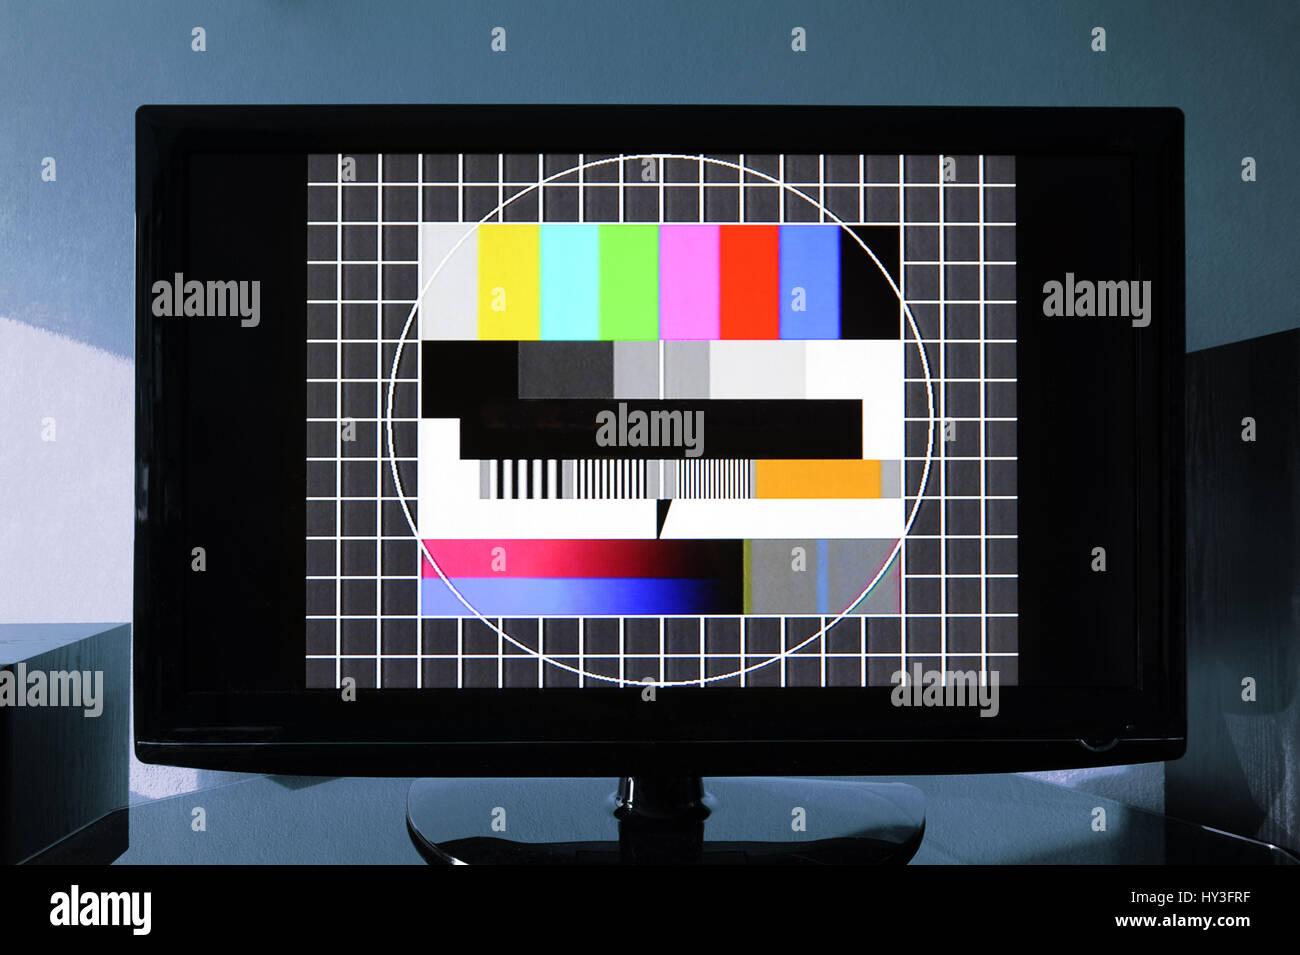 Imagem de teste, Fernseh-Testbild televisão Imagens de Stock